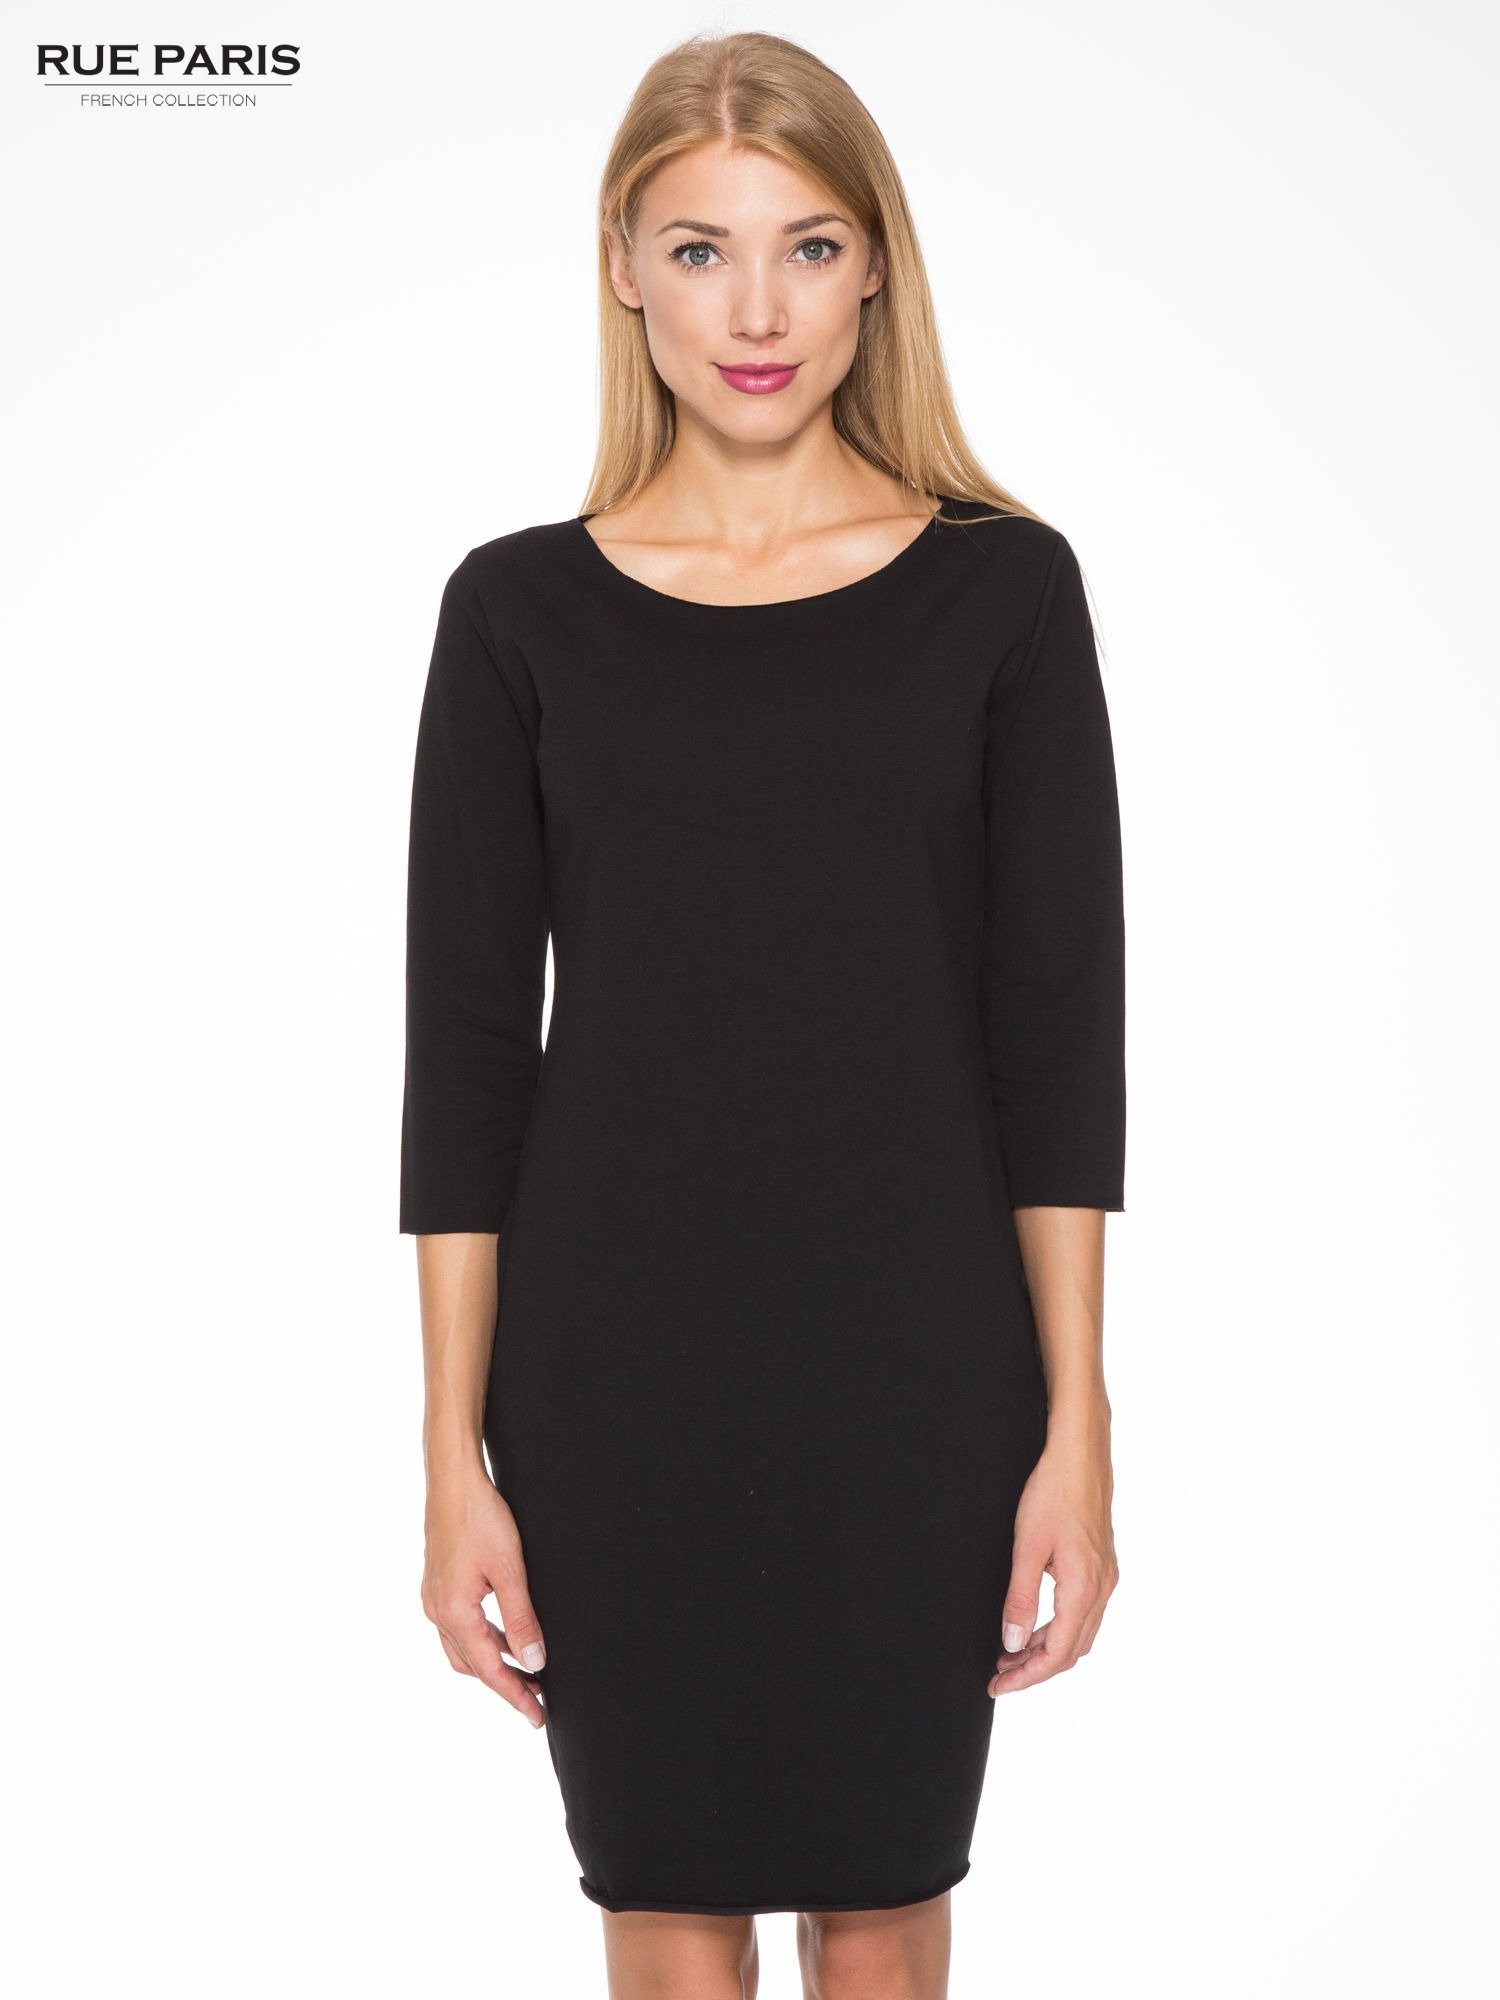 Czarna prosta sukienka z surowym wykończeniem i kieszeniami                                  zdj.                                  1